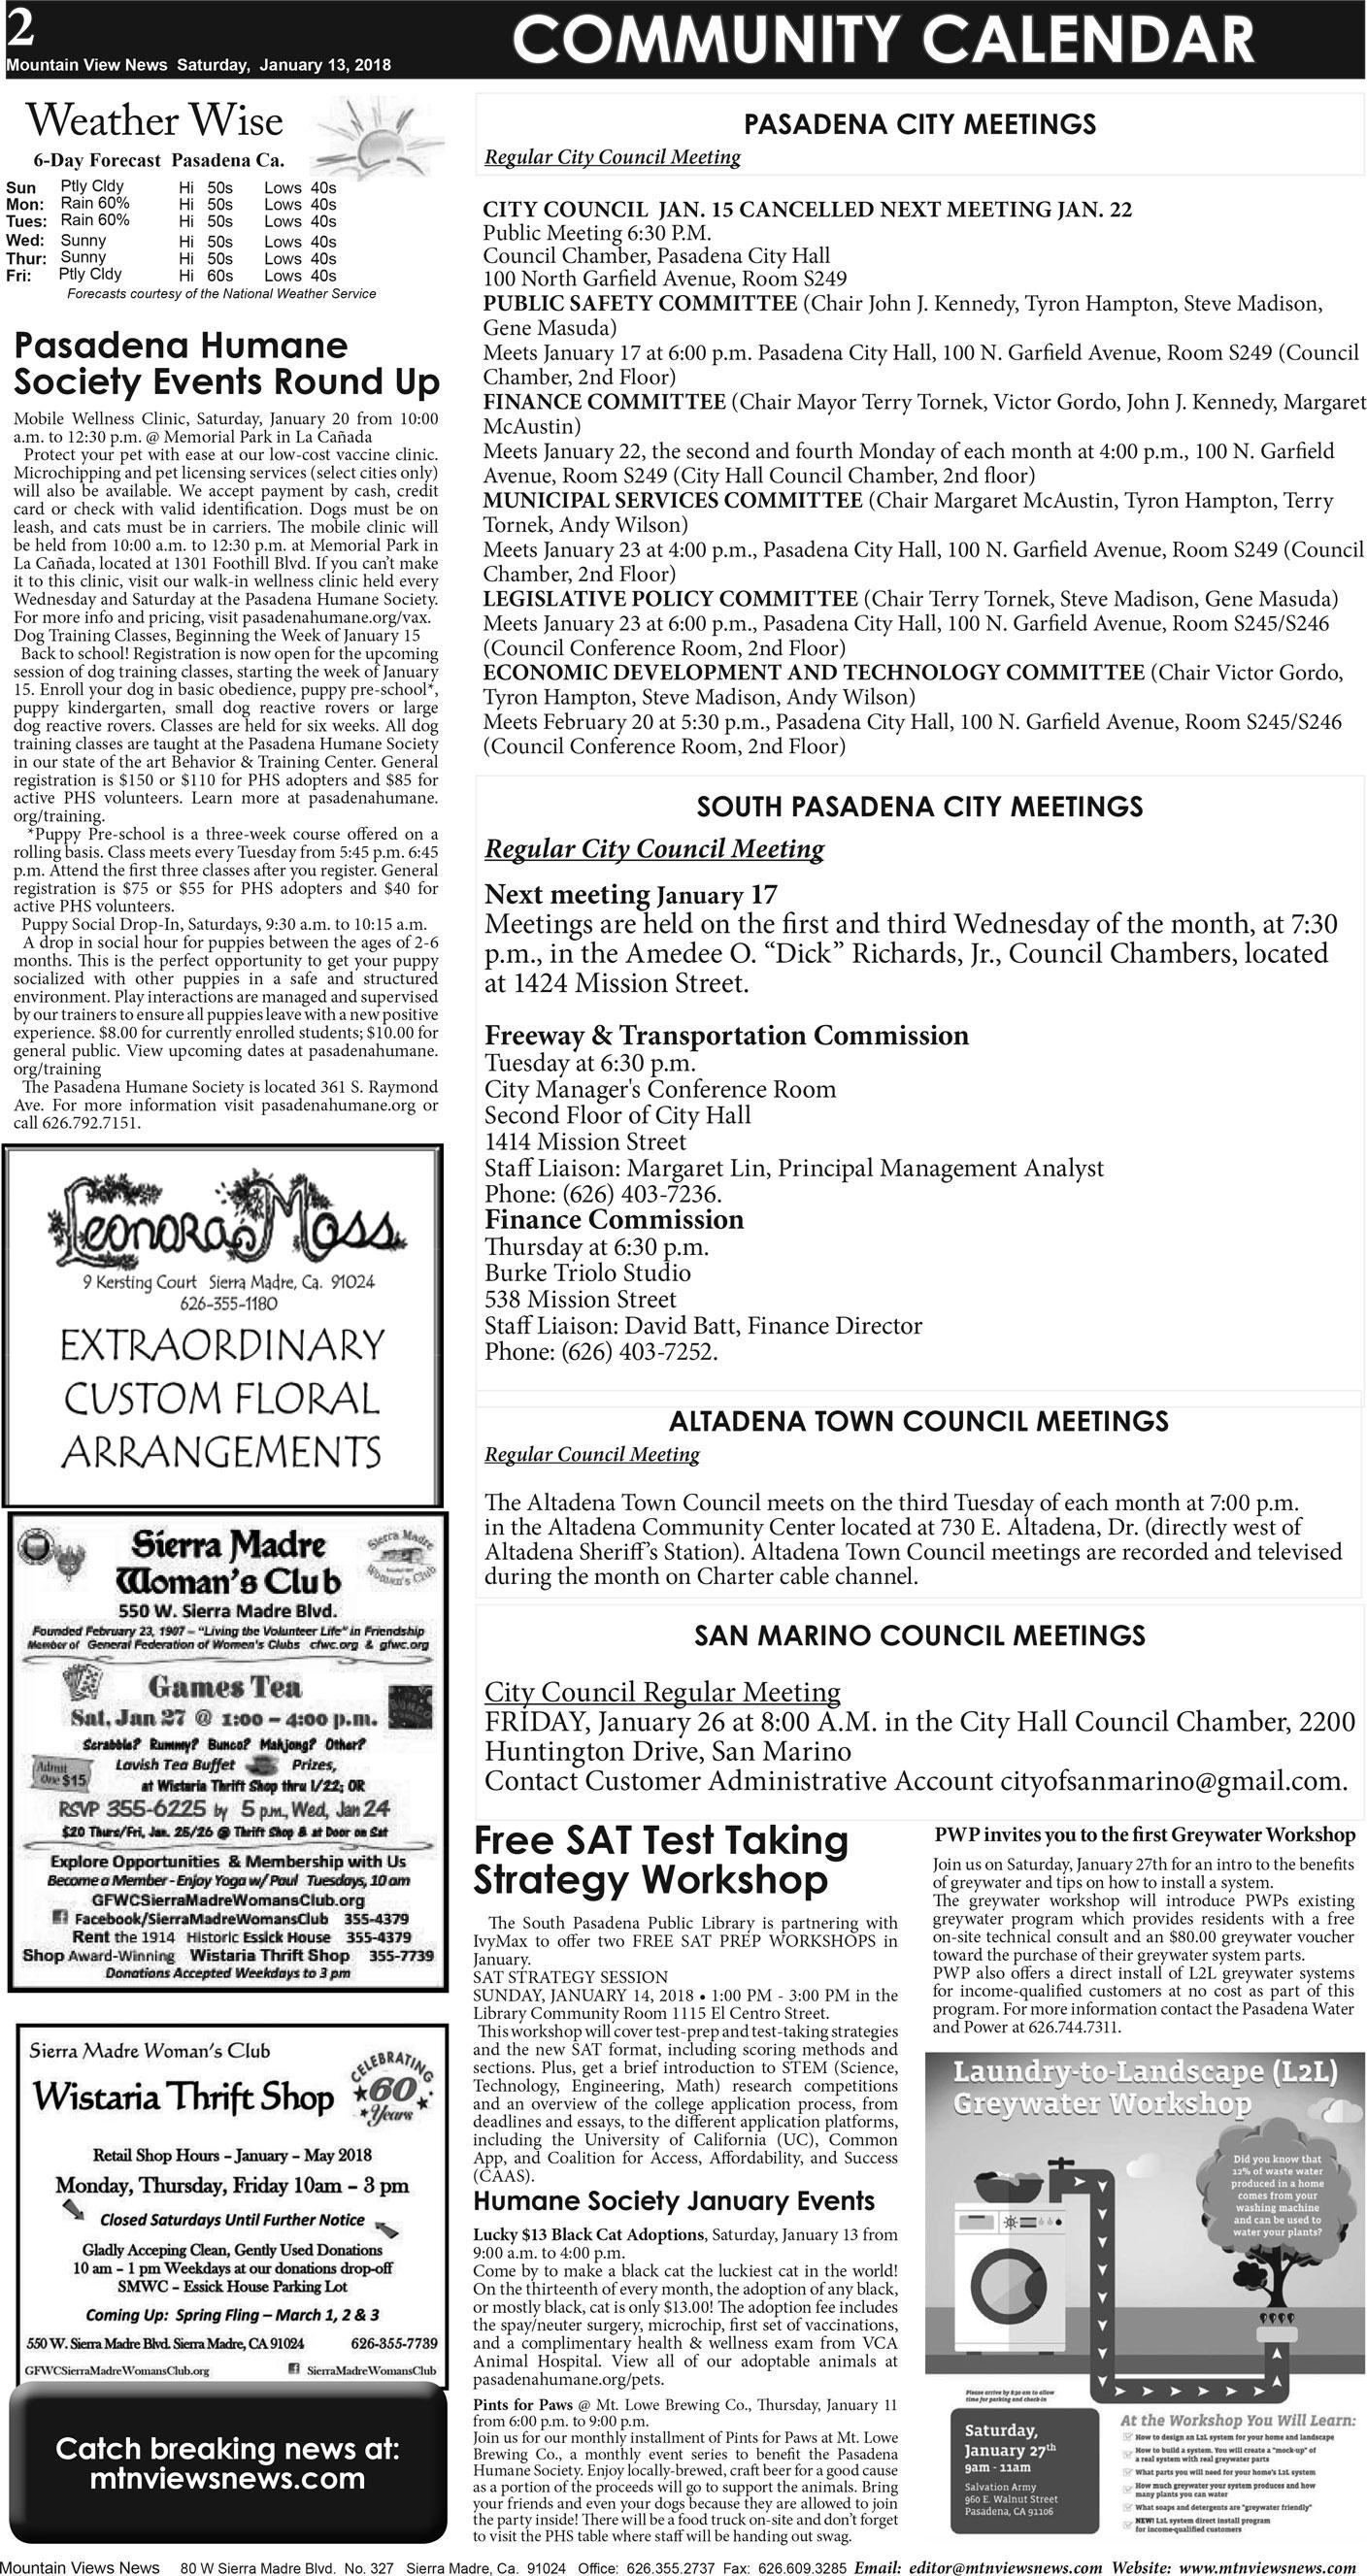 MVNews This Week Page A2